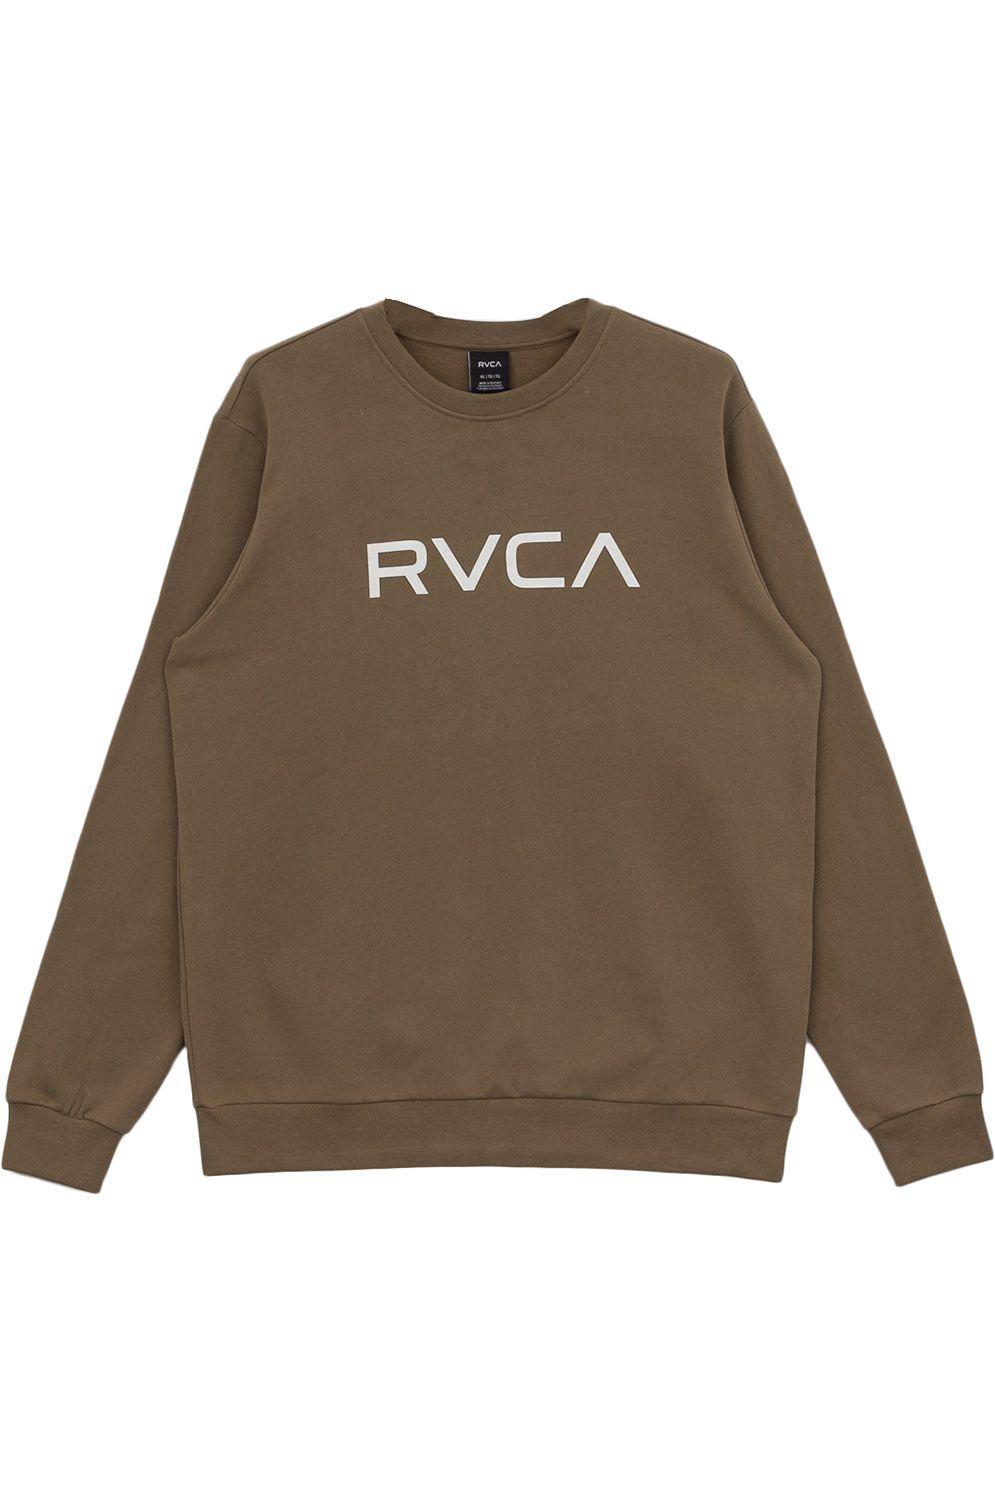 Sweat Basica RVCA BIG RVCA Olive